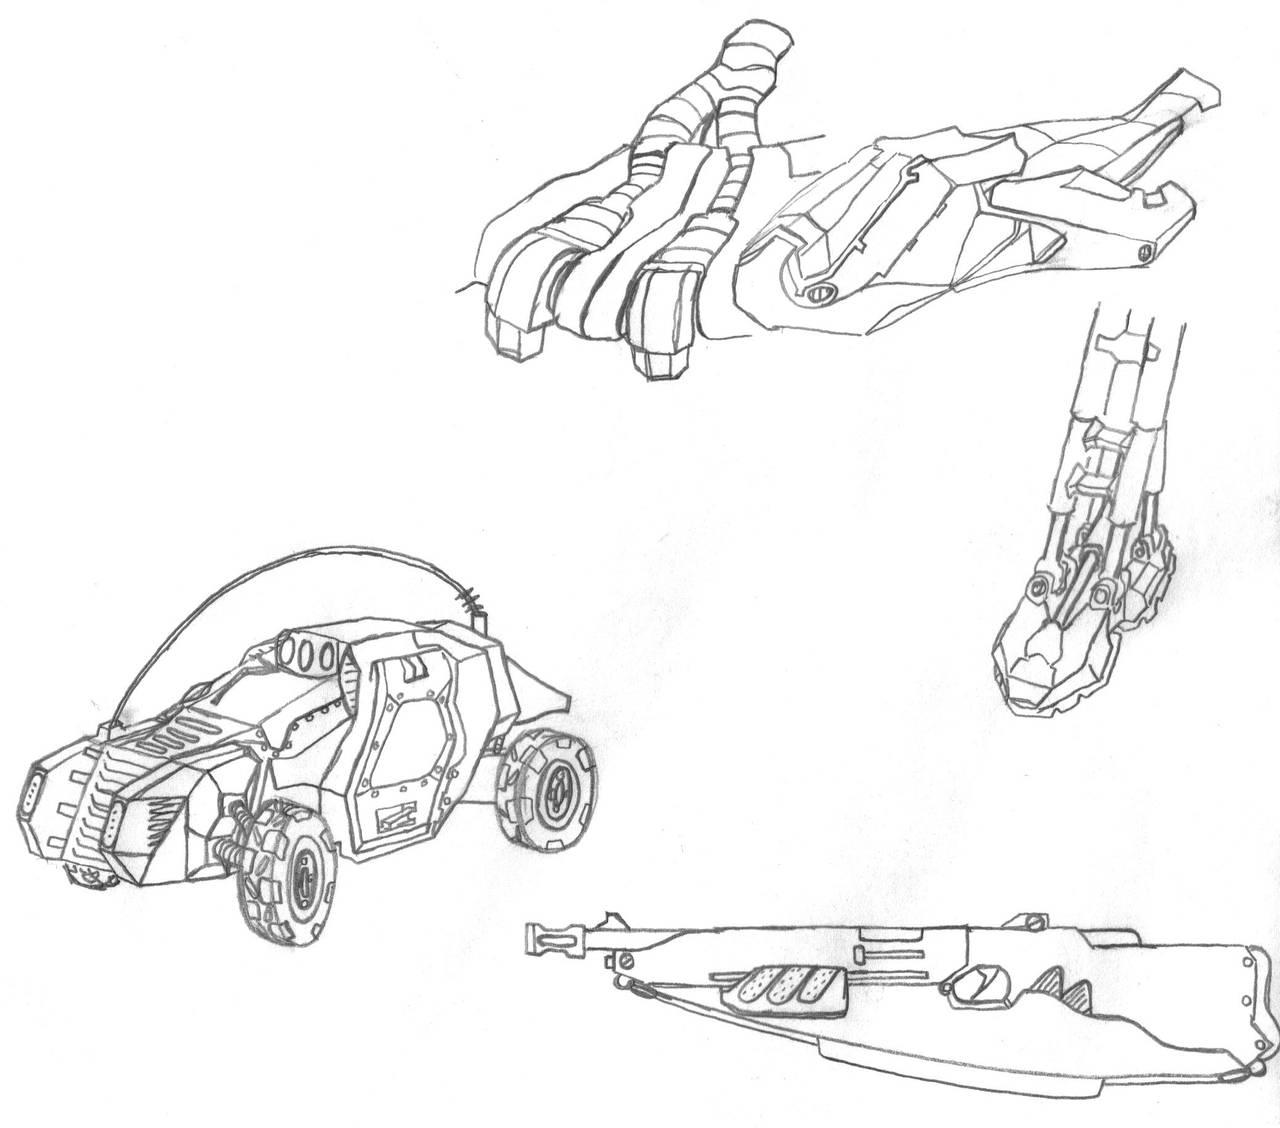 Mech.006.Various by scetxr-efx